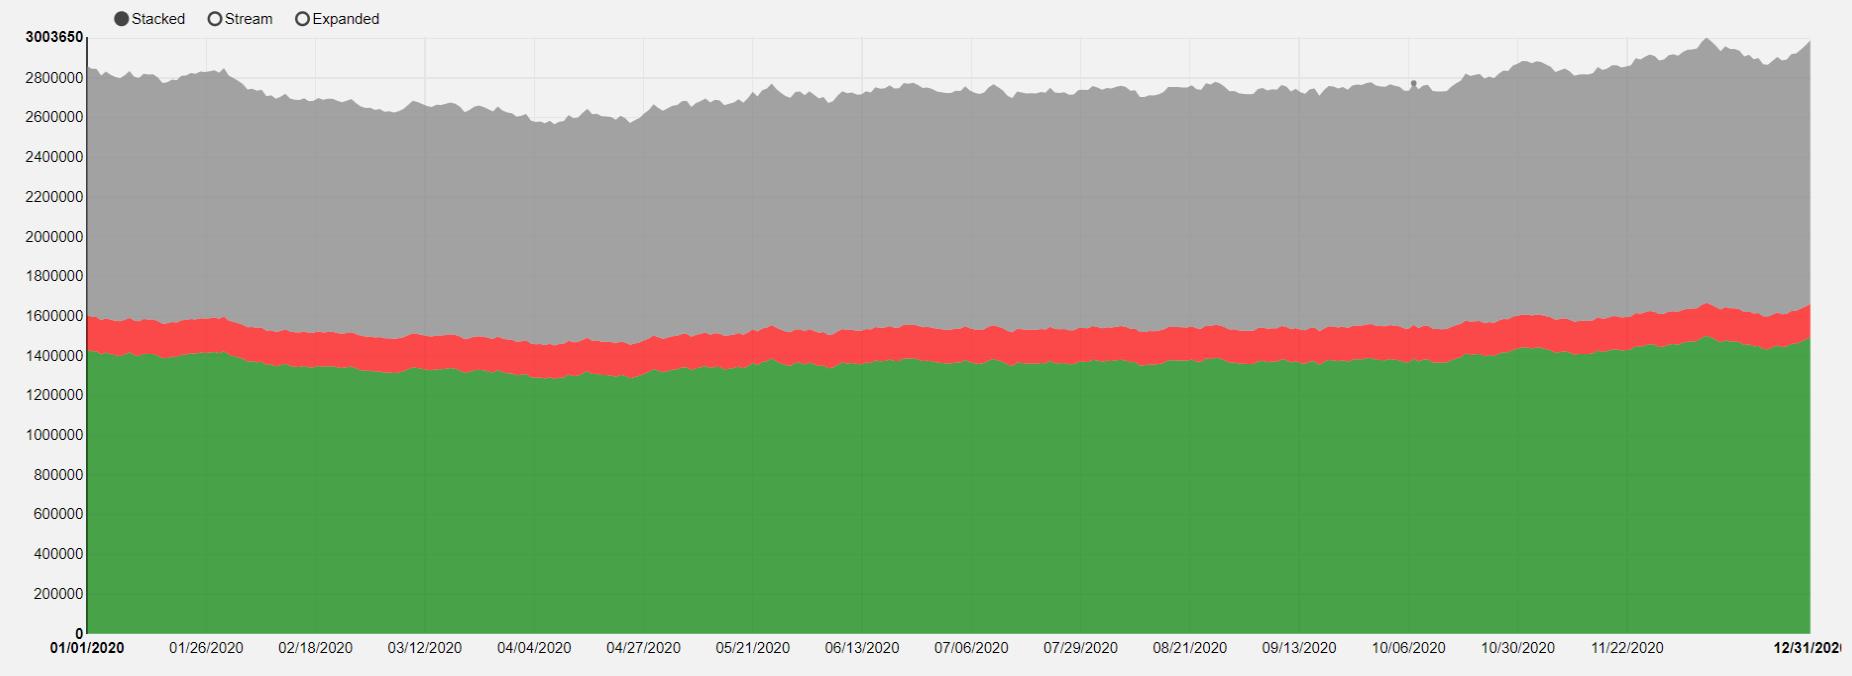 nvd3-bar_charts